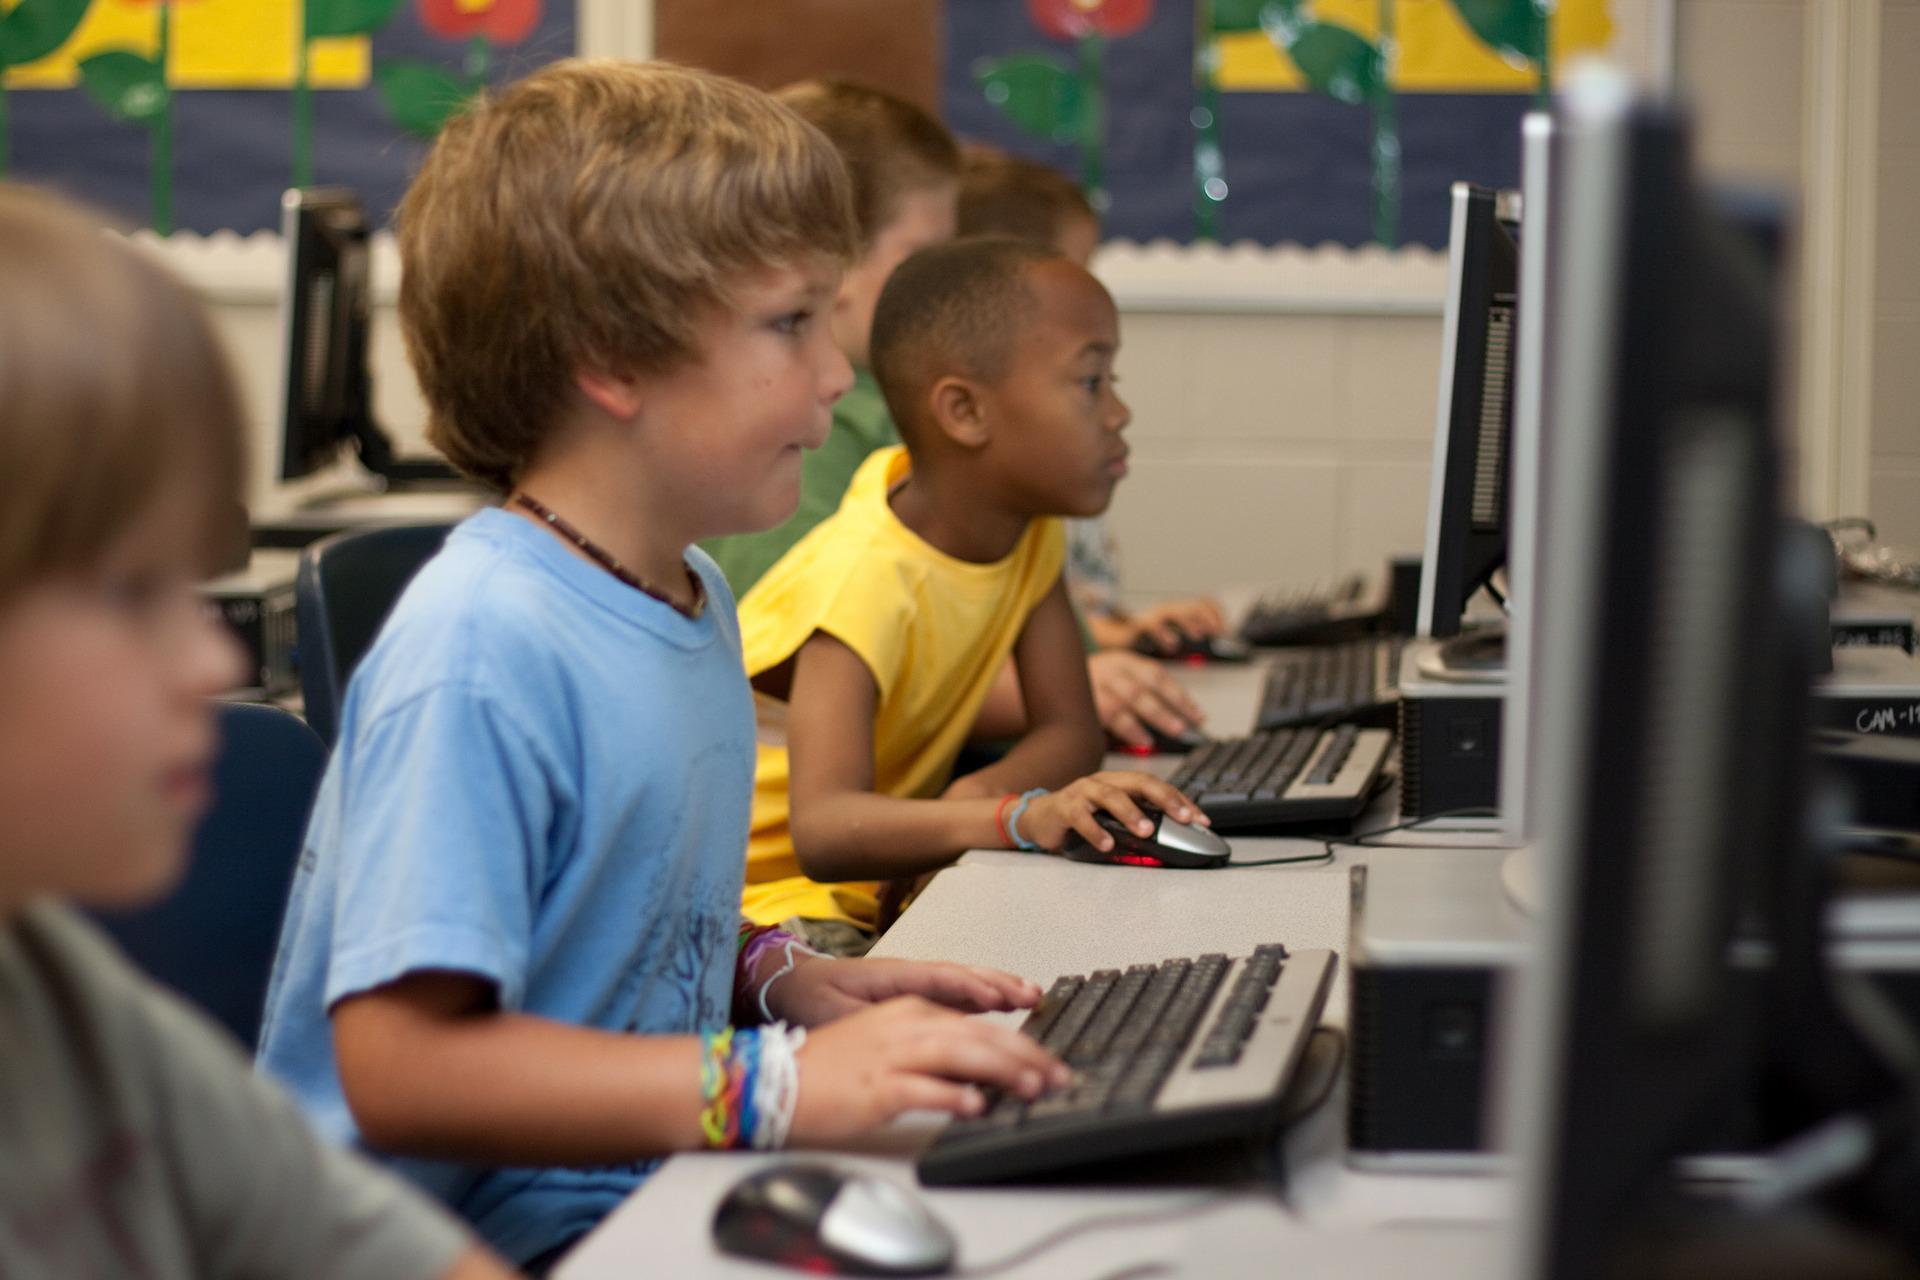 Conteúdos para educação infantil: 5 sites que vão te ajudar a ensinar de maneira lúdica